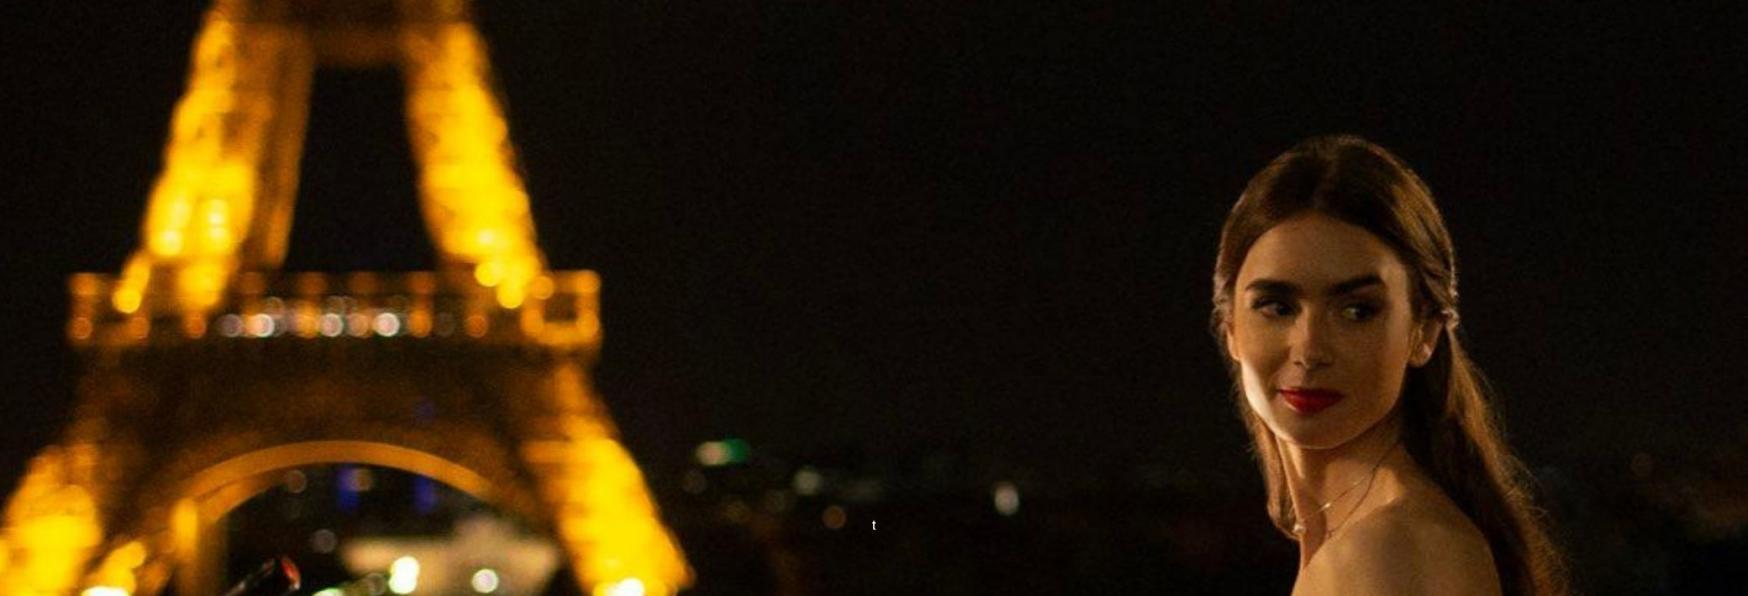 Emily in Paris: Trama, Cast, Trailer e Data della nuova Serie TV targata Netflix